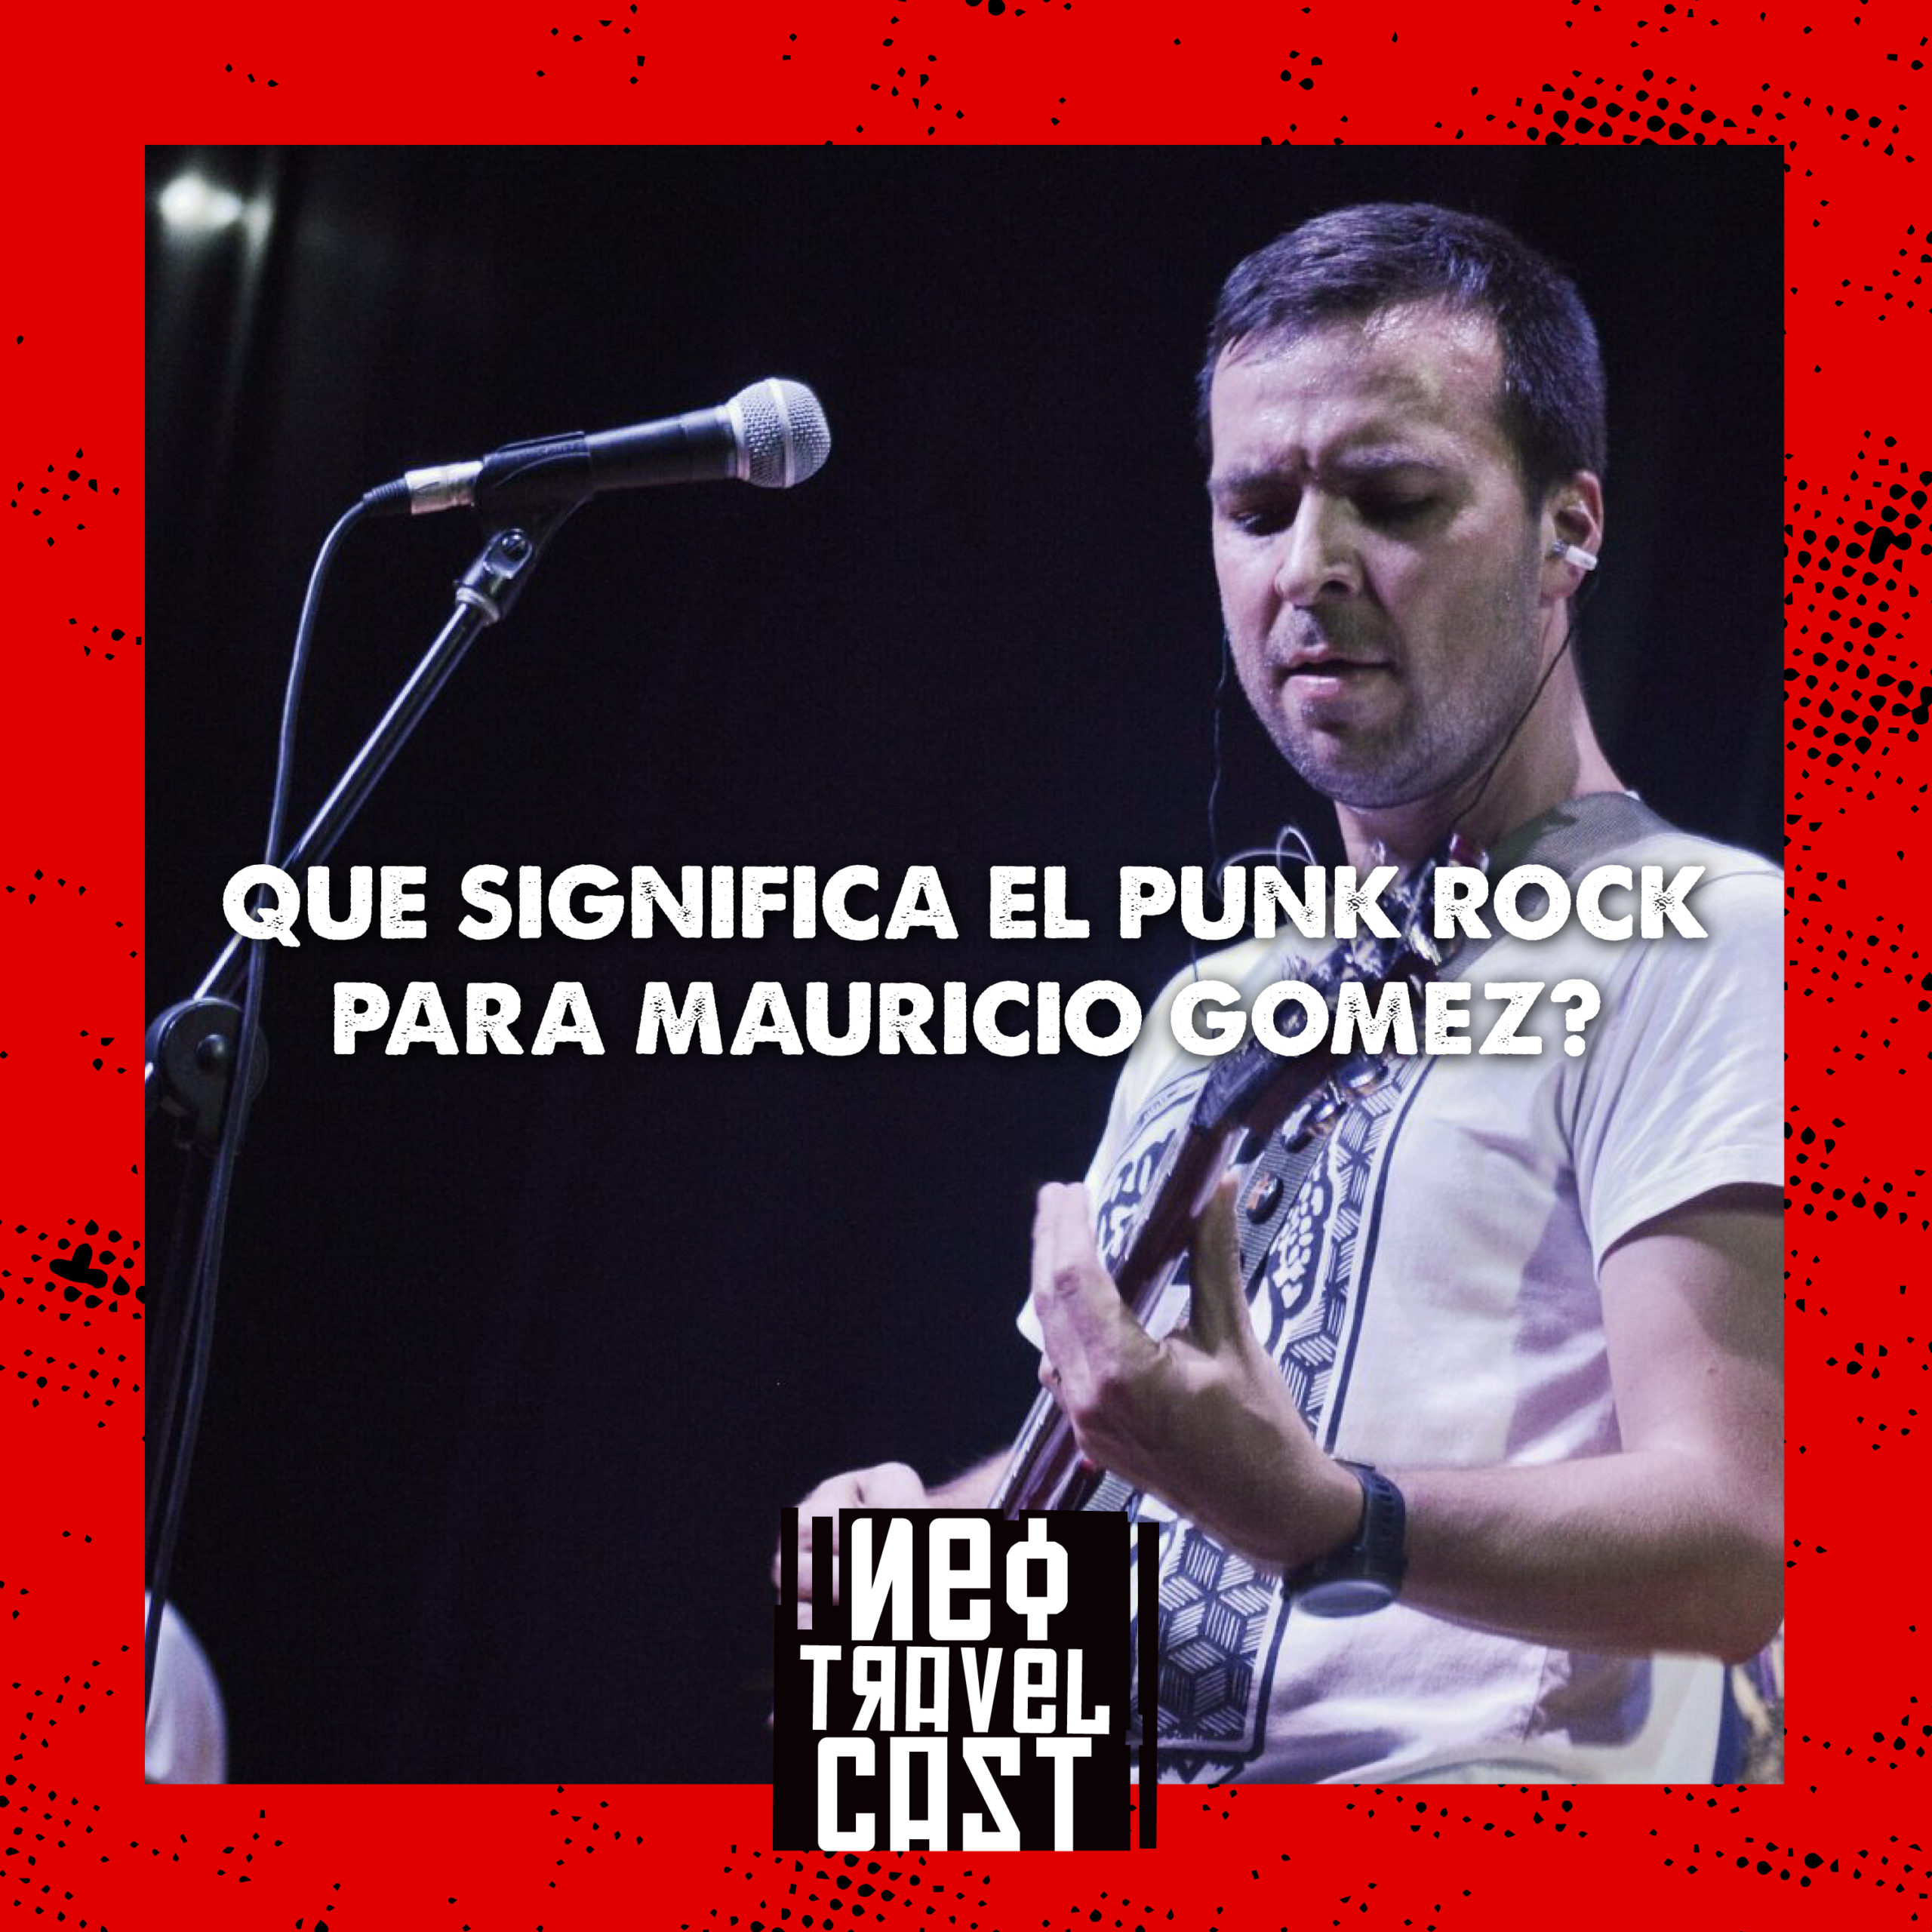 Neo Travel Cast - Que significa el punk rock para Mauricio Gomez?